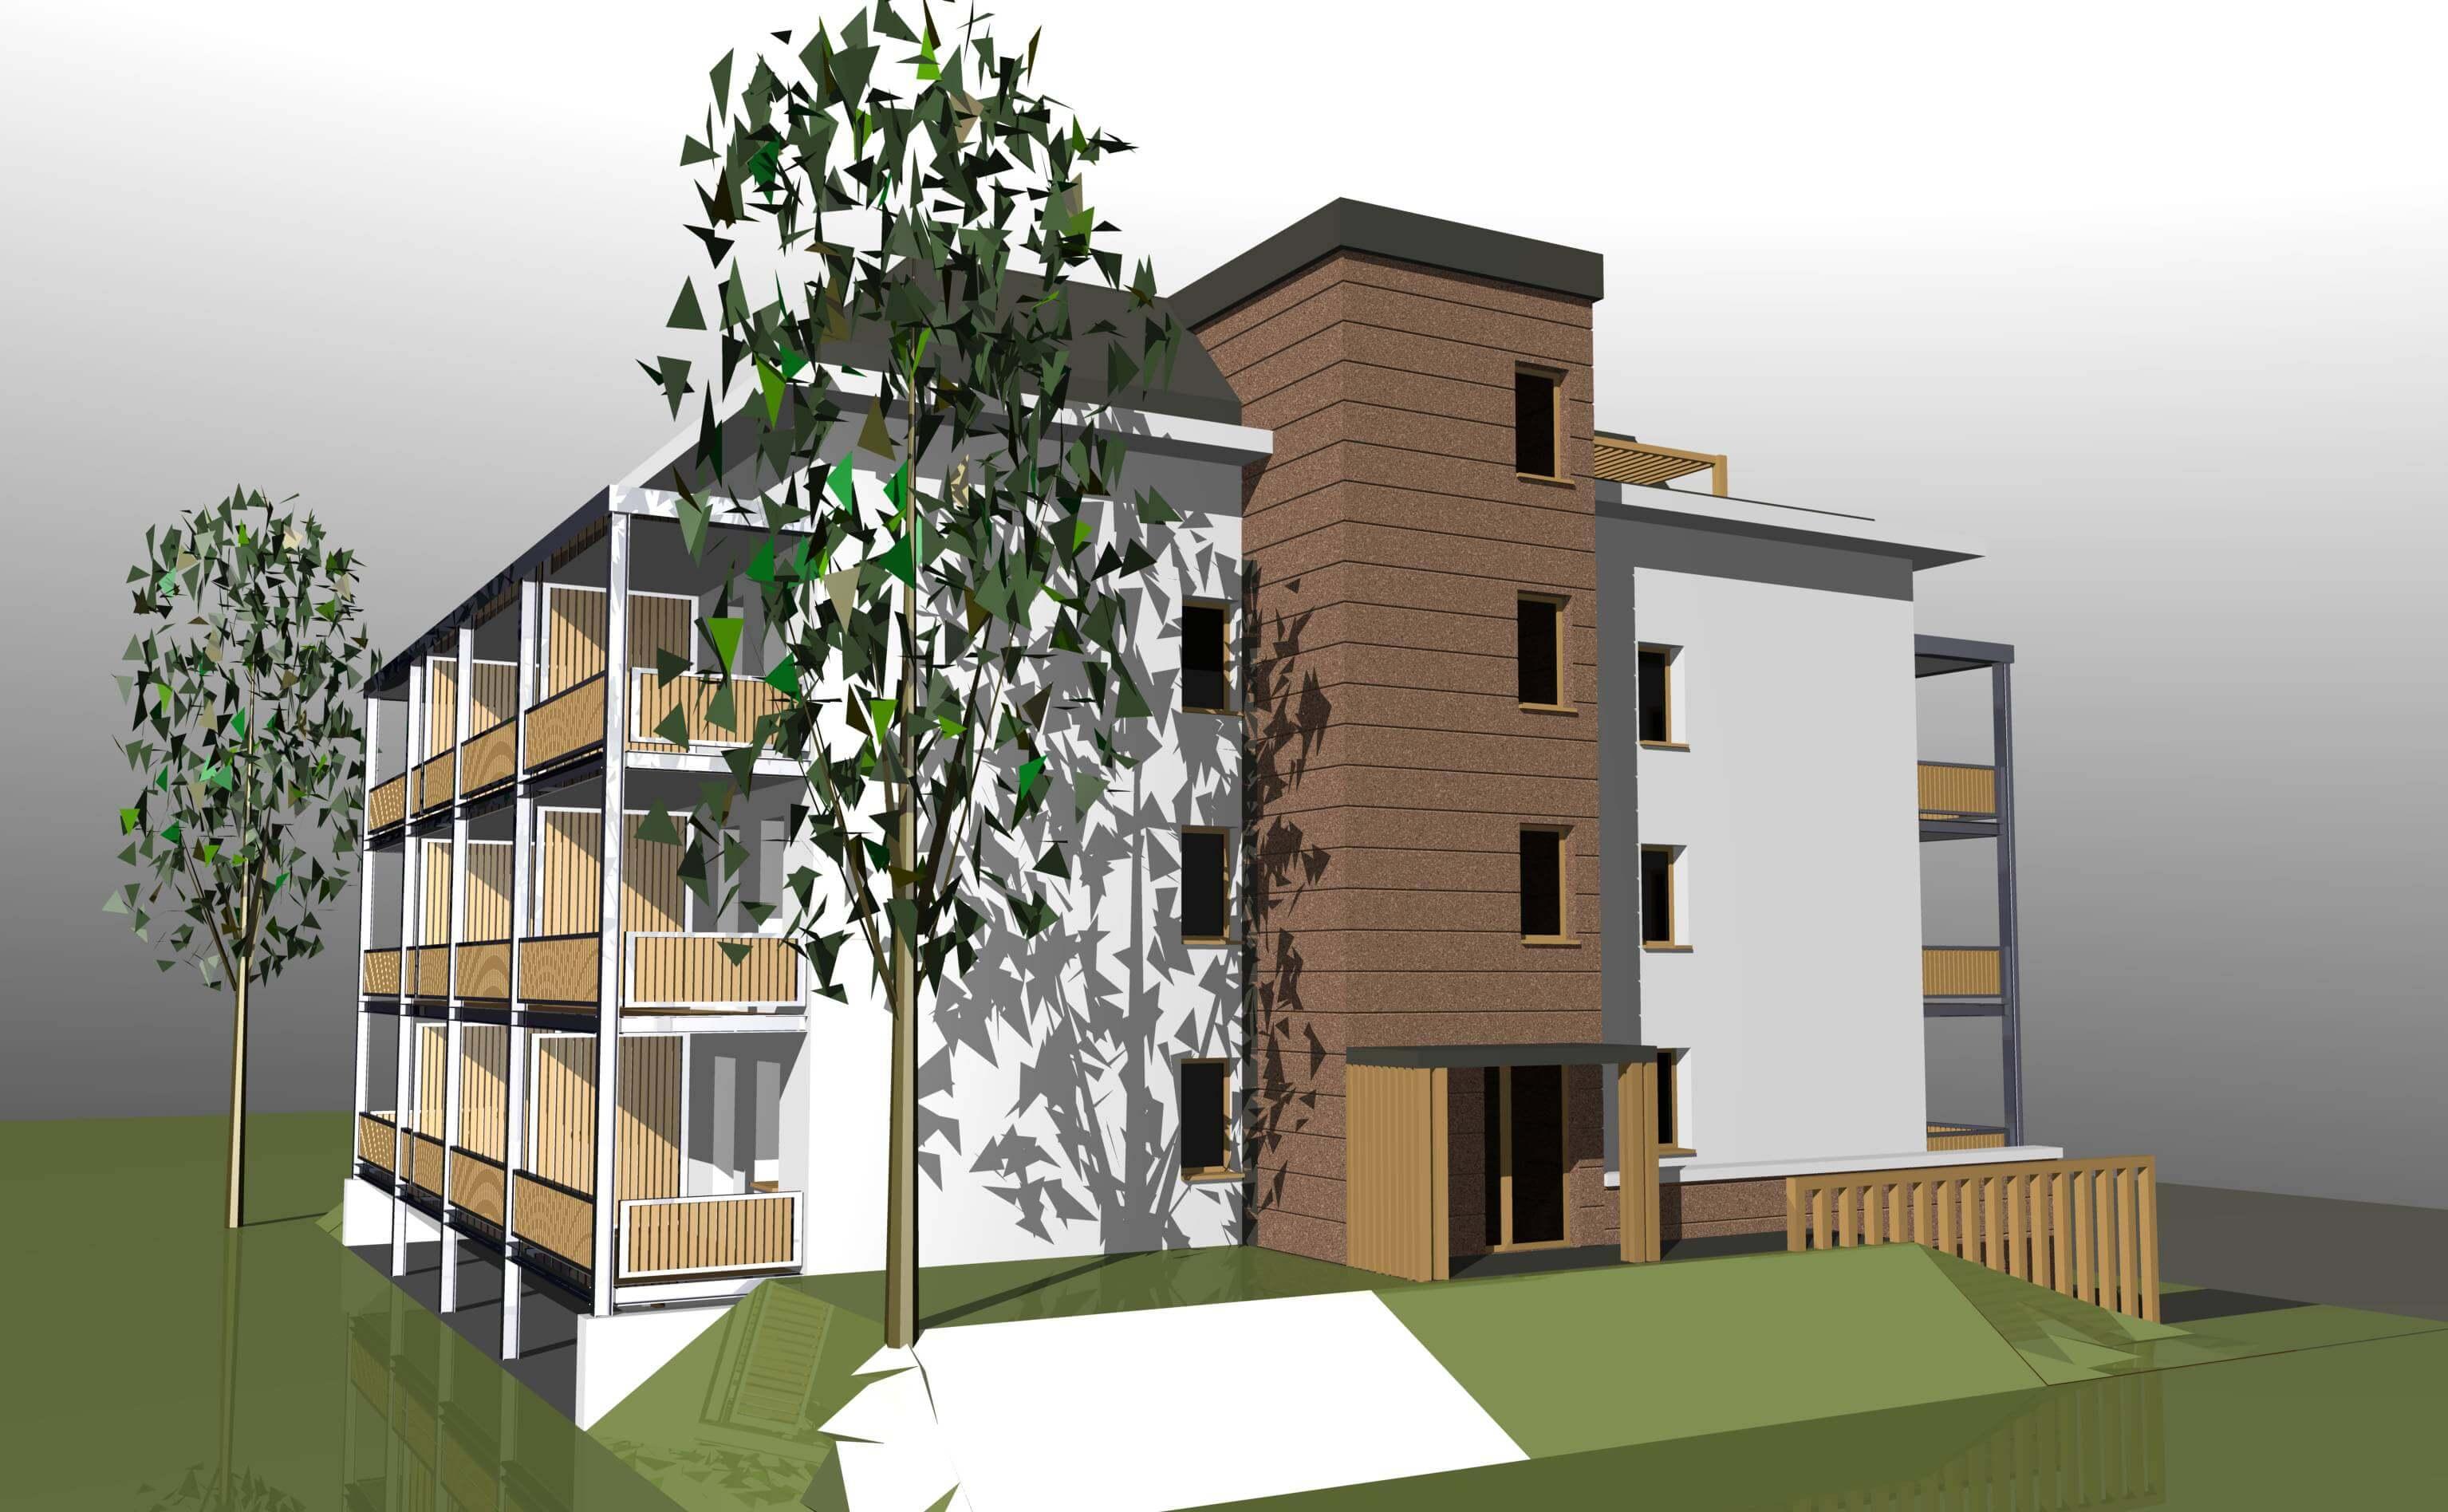 Nem tetszik a drága panel? Költözz új építésűbe, sok-sok millióval olcsóbban!